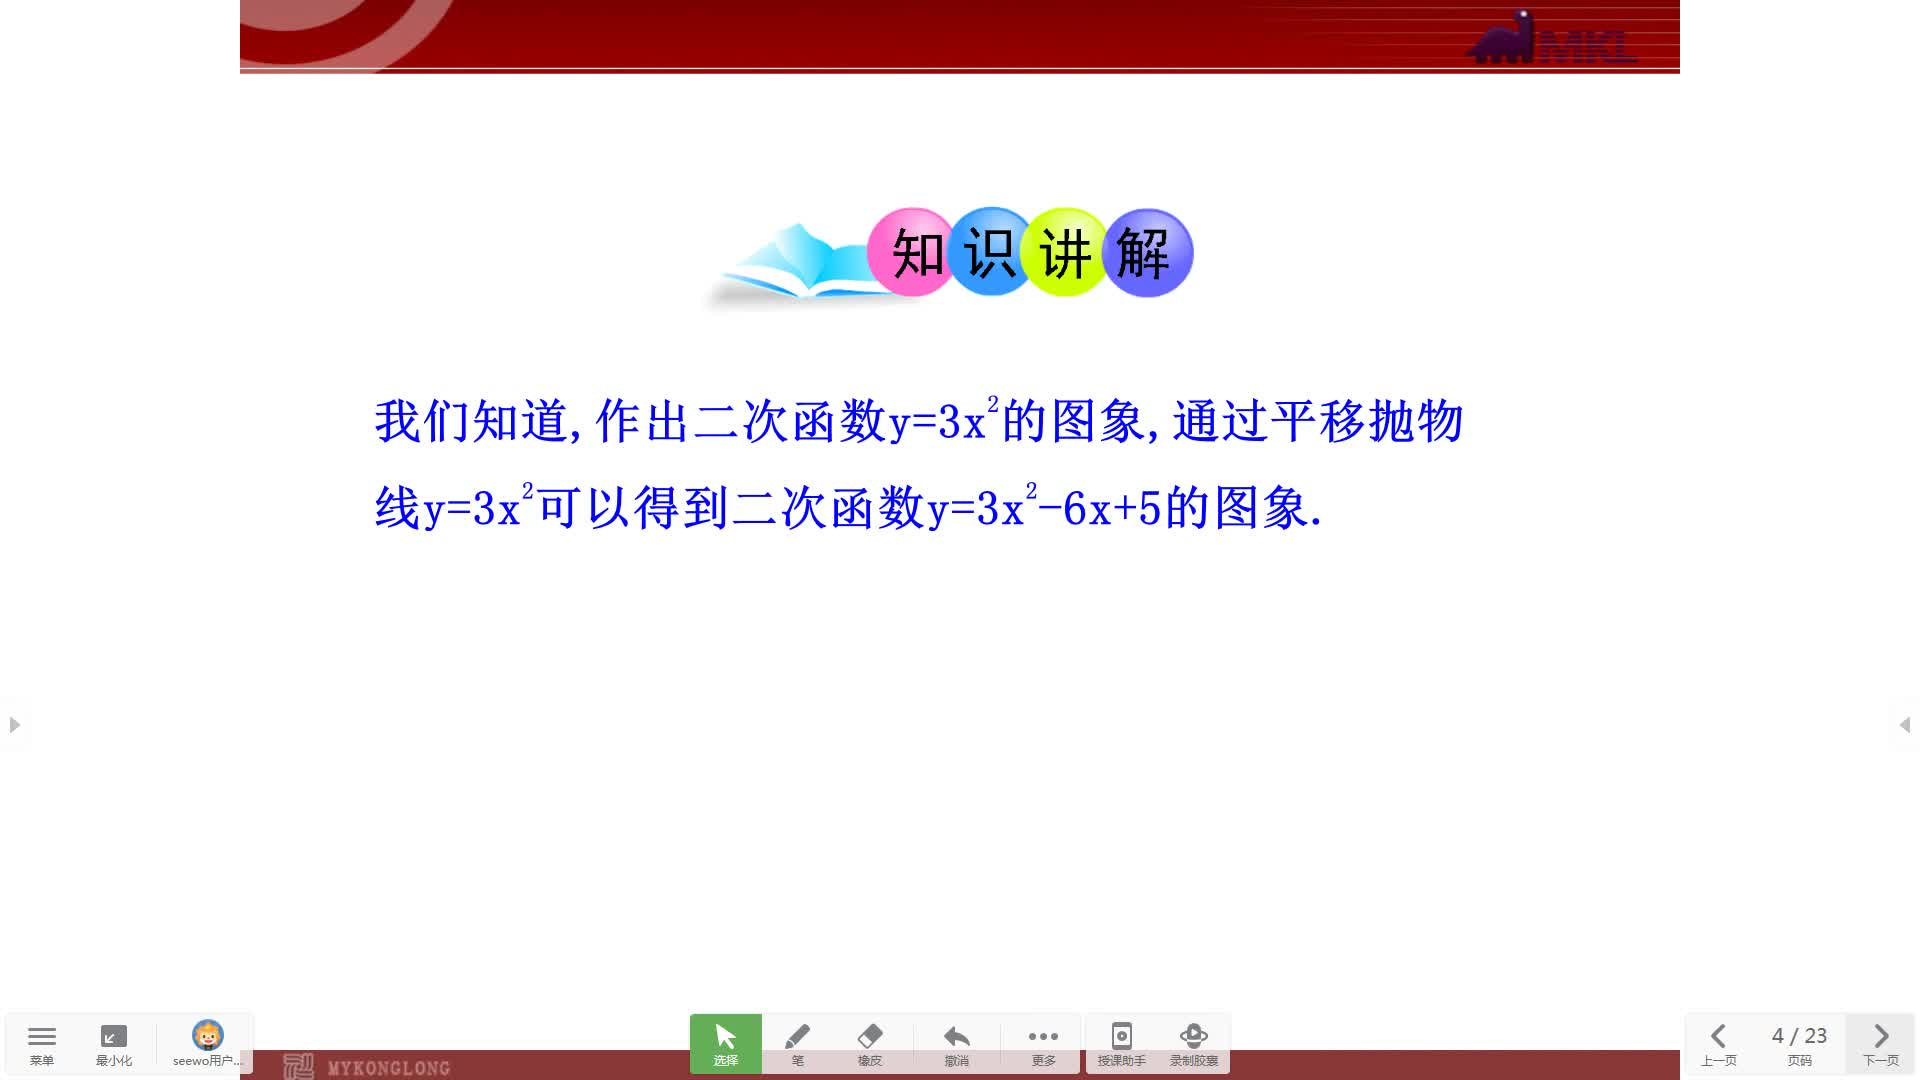 廊坊十中-人教版九年级上册-数学-22.1.4 二次函数y=ax?+bx+c的图象-孟庆功